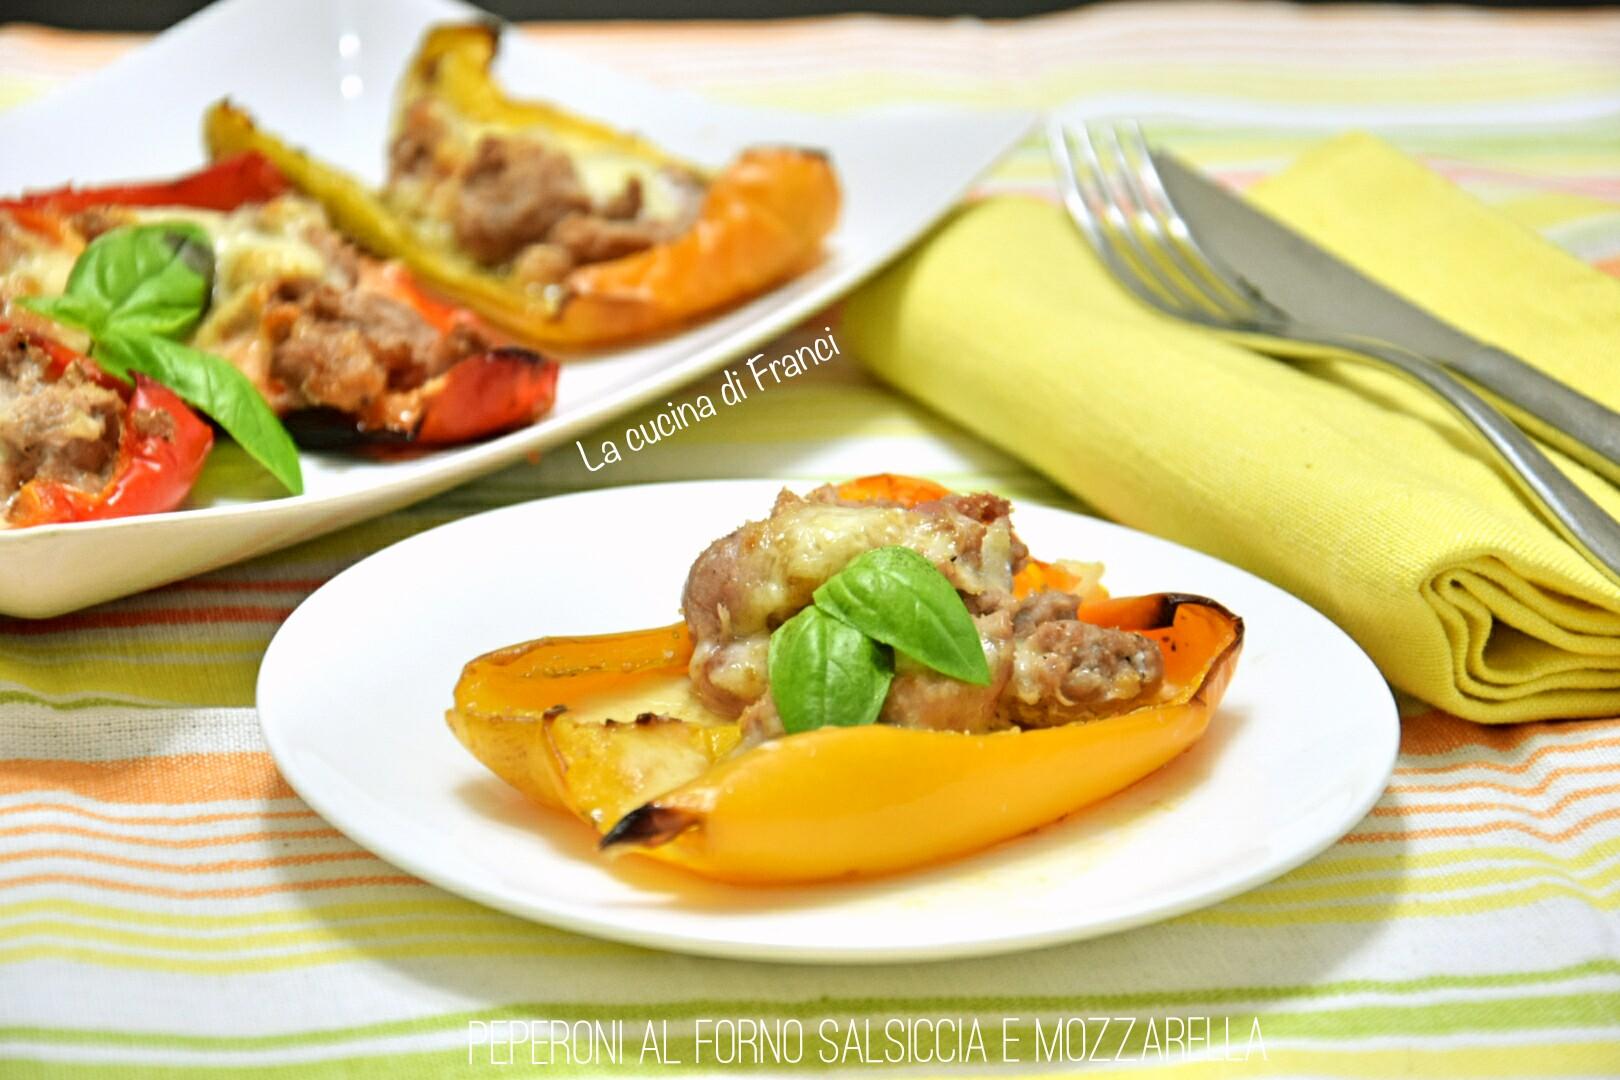 Peperoni al forno salsiccia e mozzarella 2